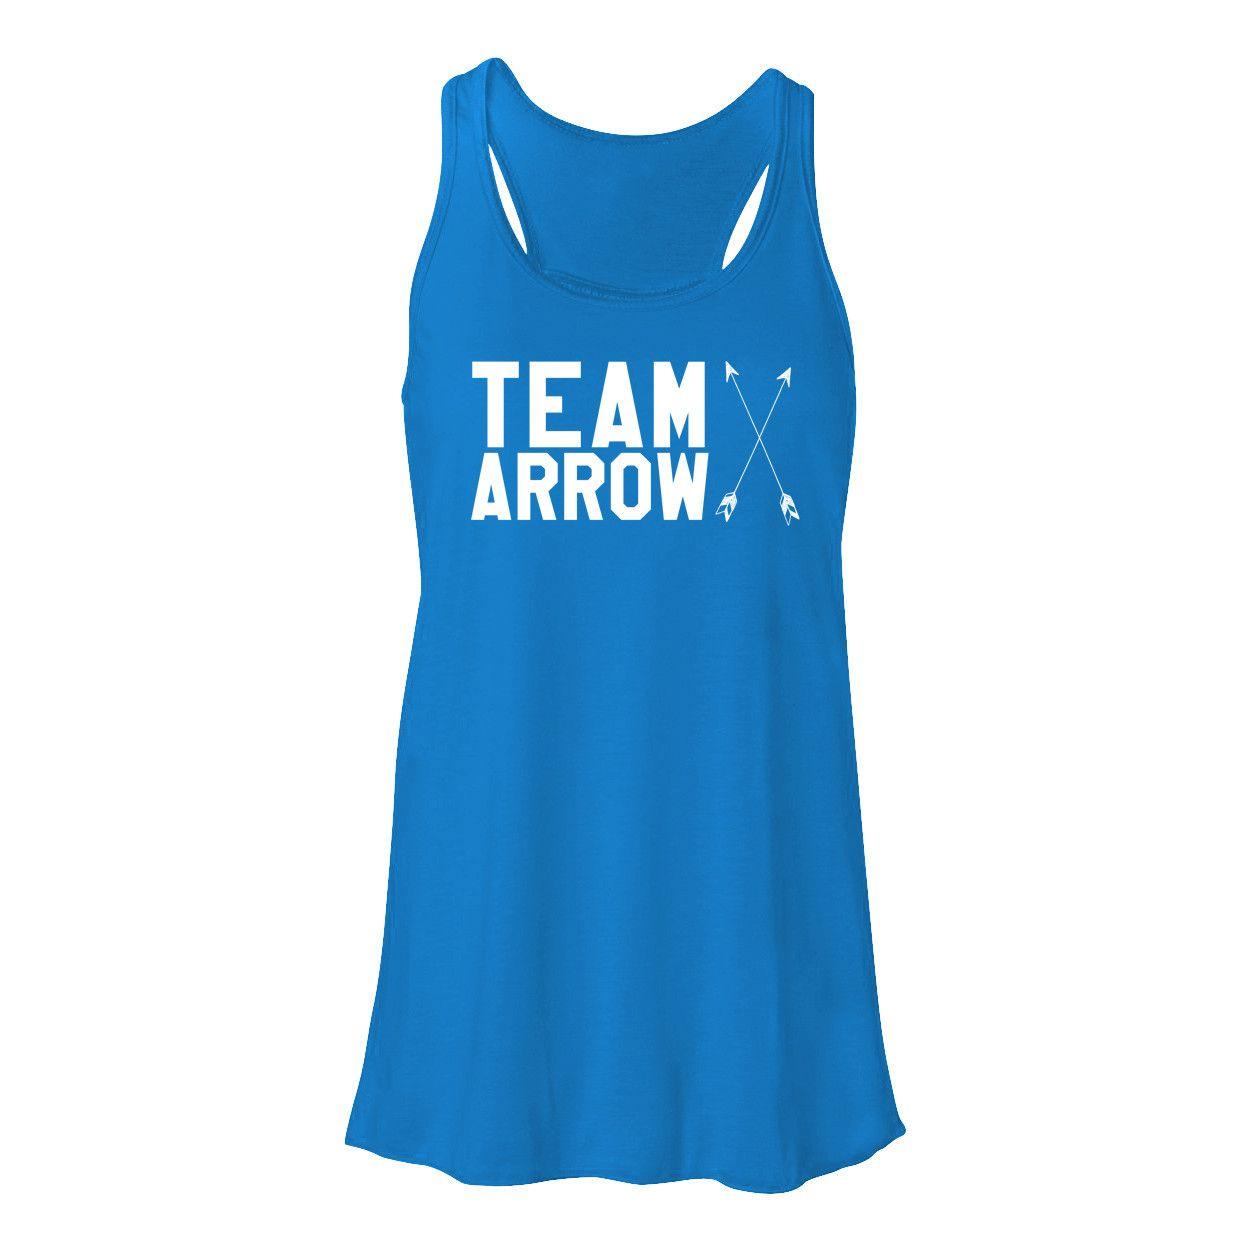 Team Arrow Women's Tank   Kacey Musgraves Shop